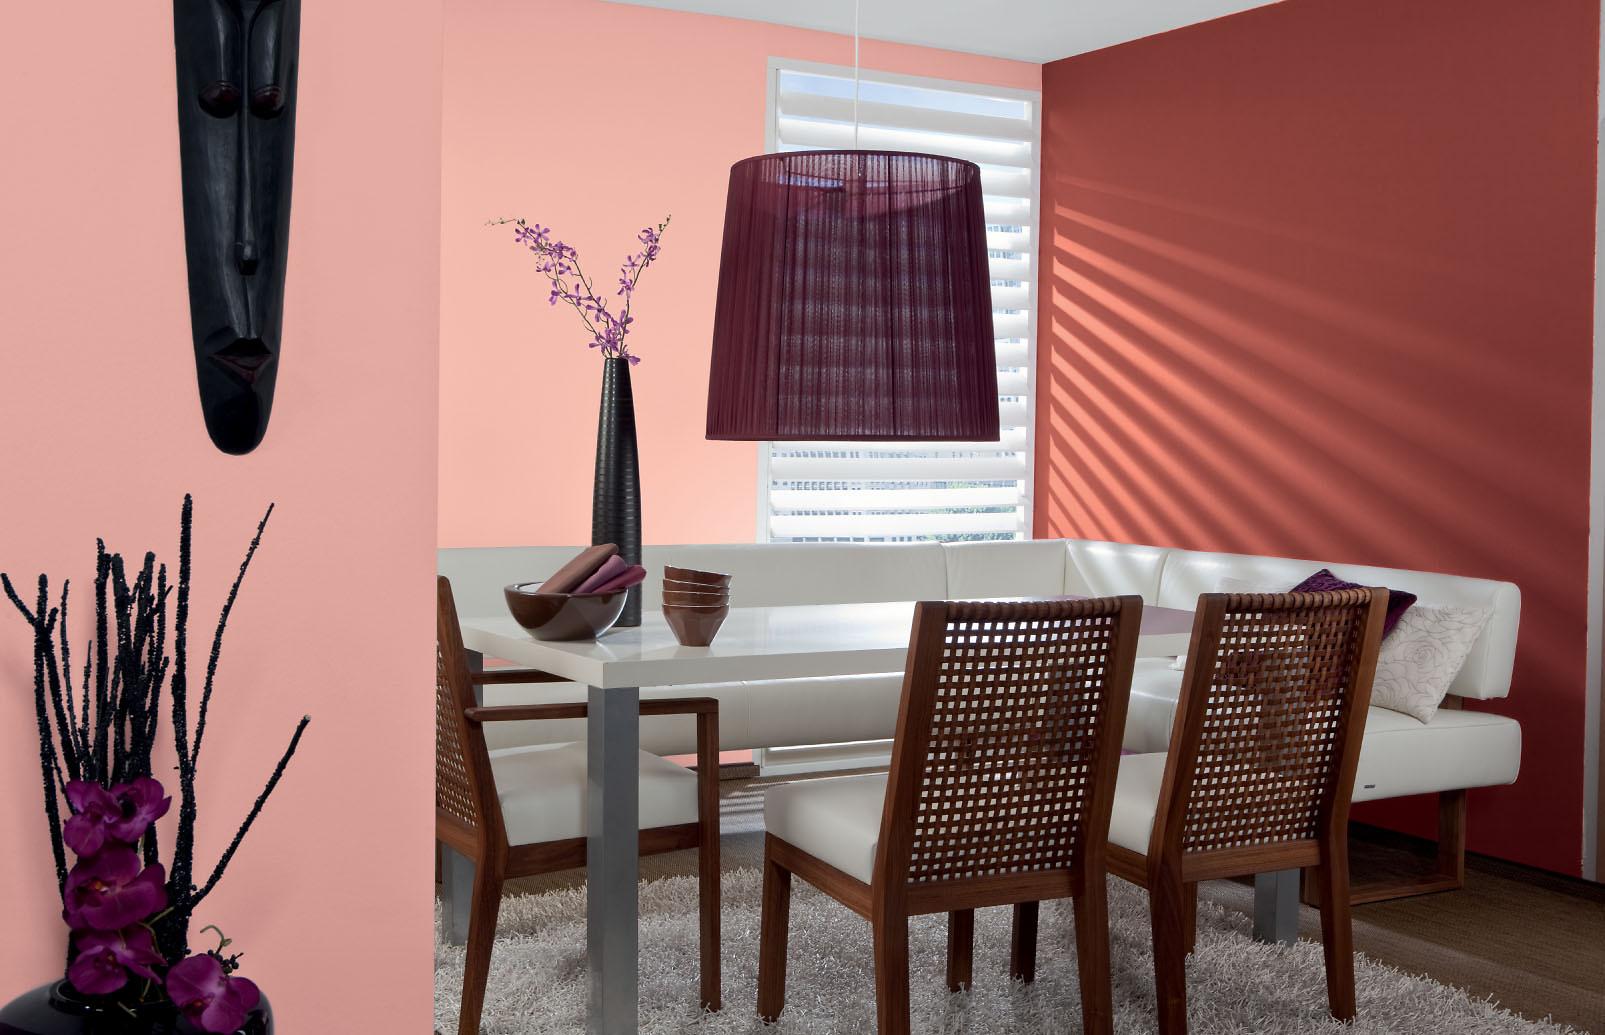 Abtönfarbe Farbe Selber Mischen Rot Terrakotta Alpina Spicy Red